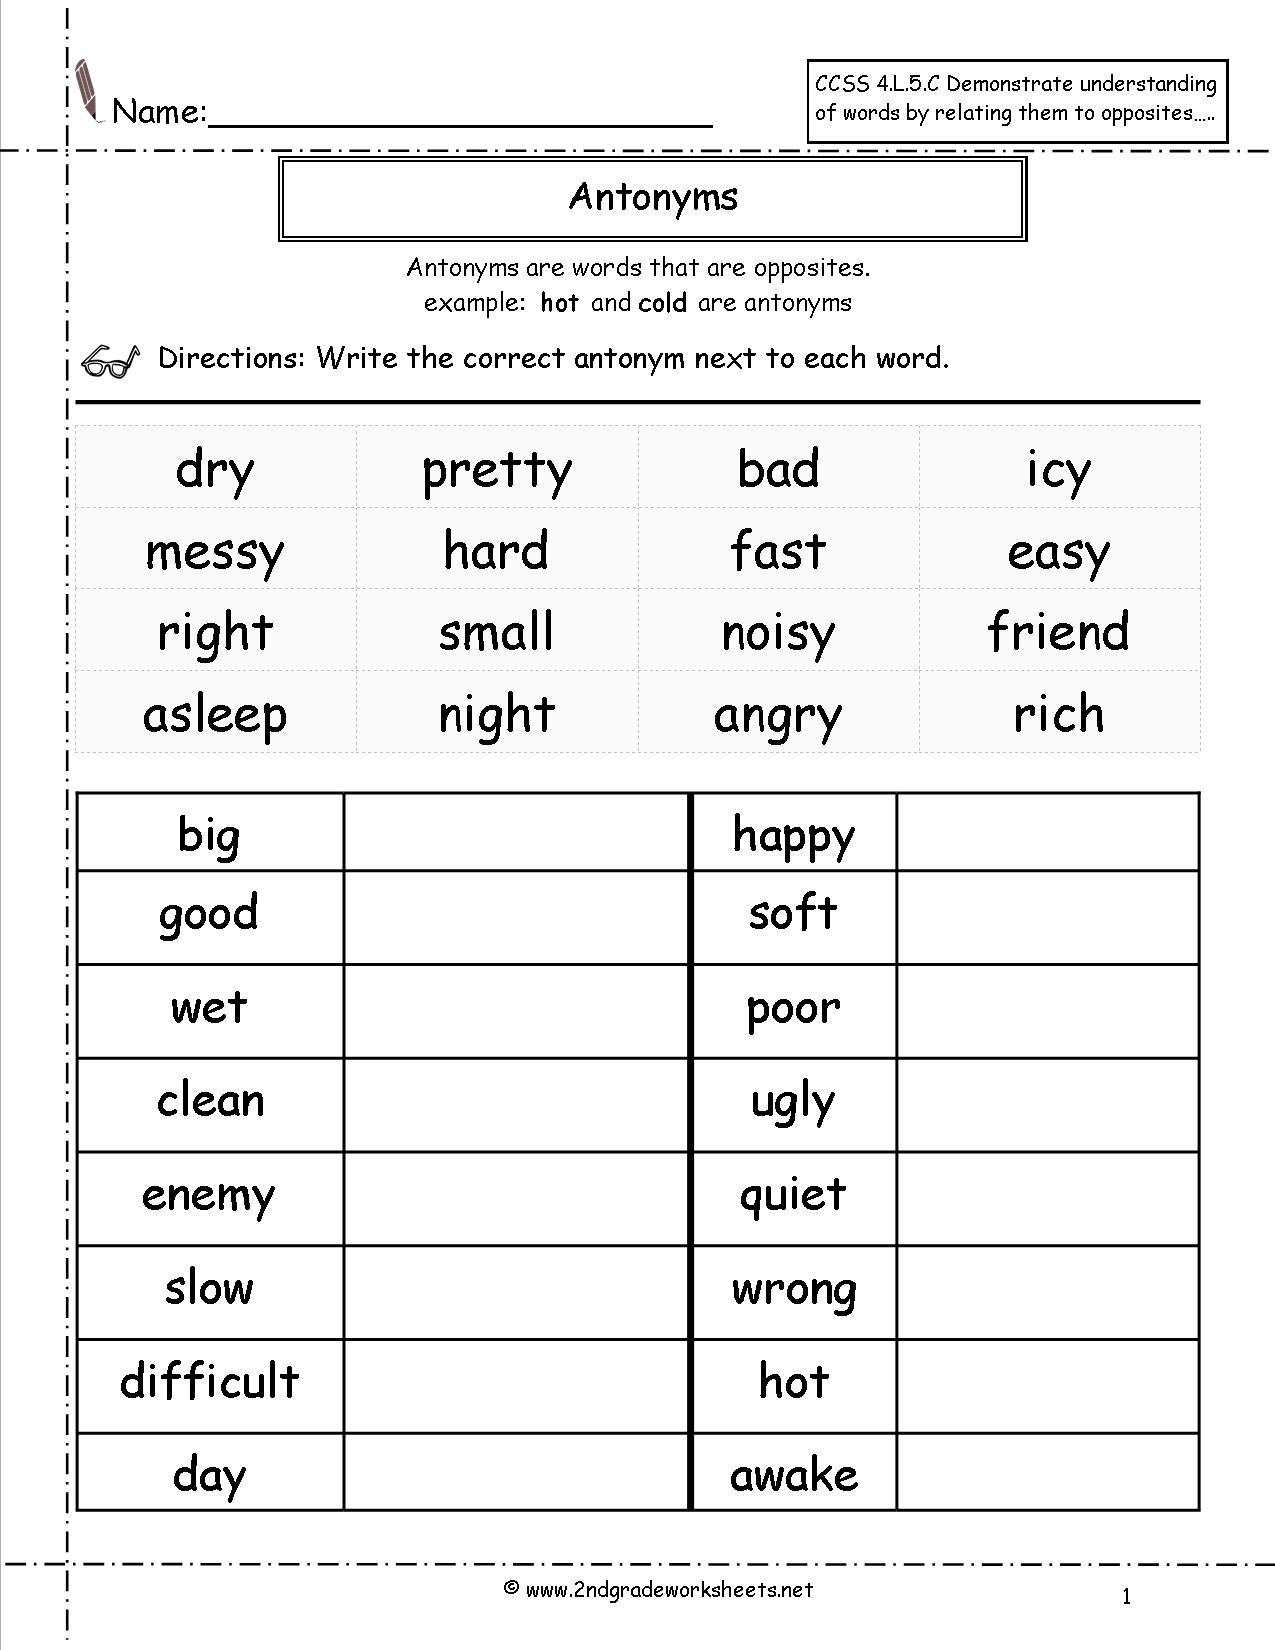 Synonyms And Antonyms Worksheets | Free Printable Antonym Worksheets